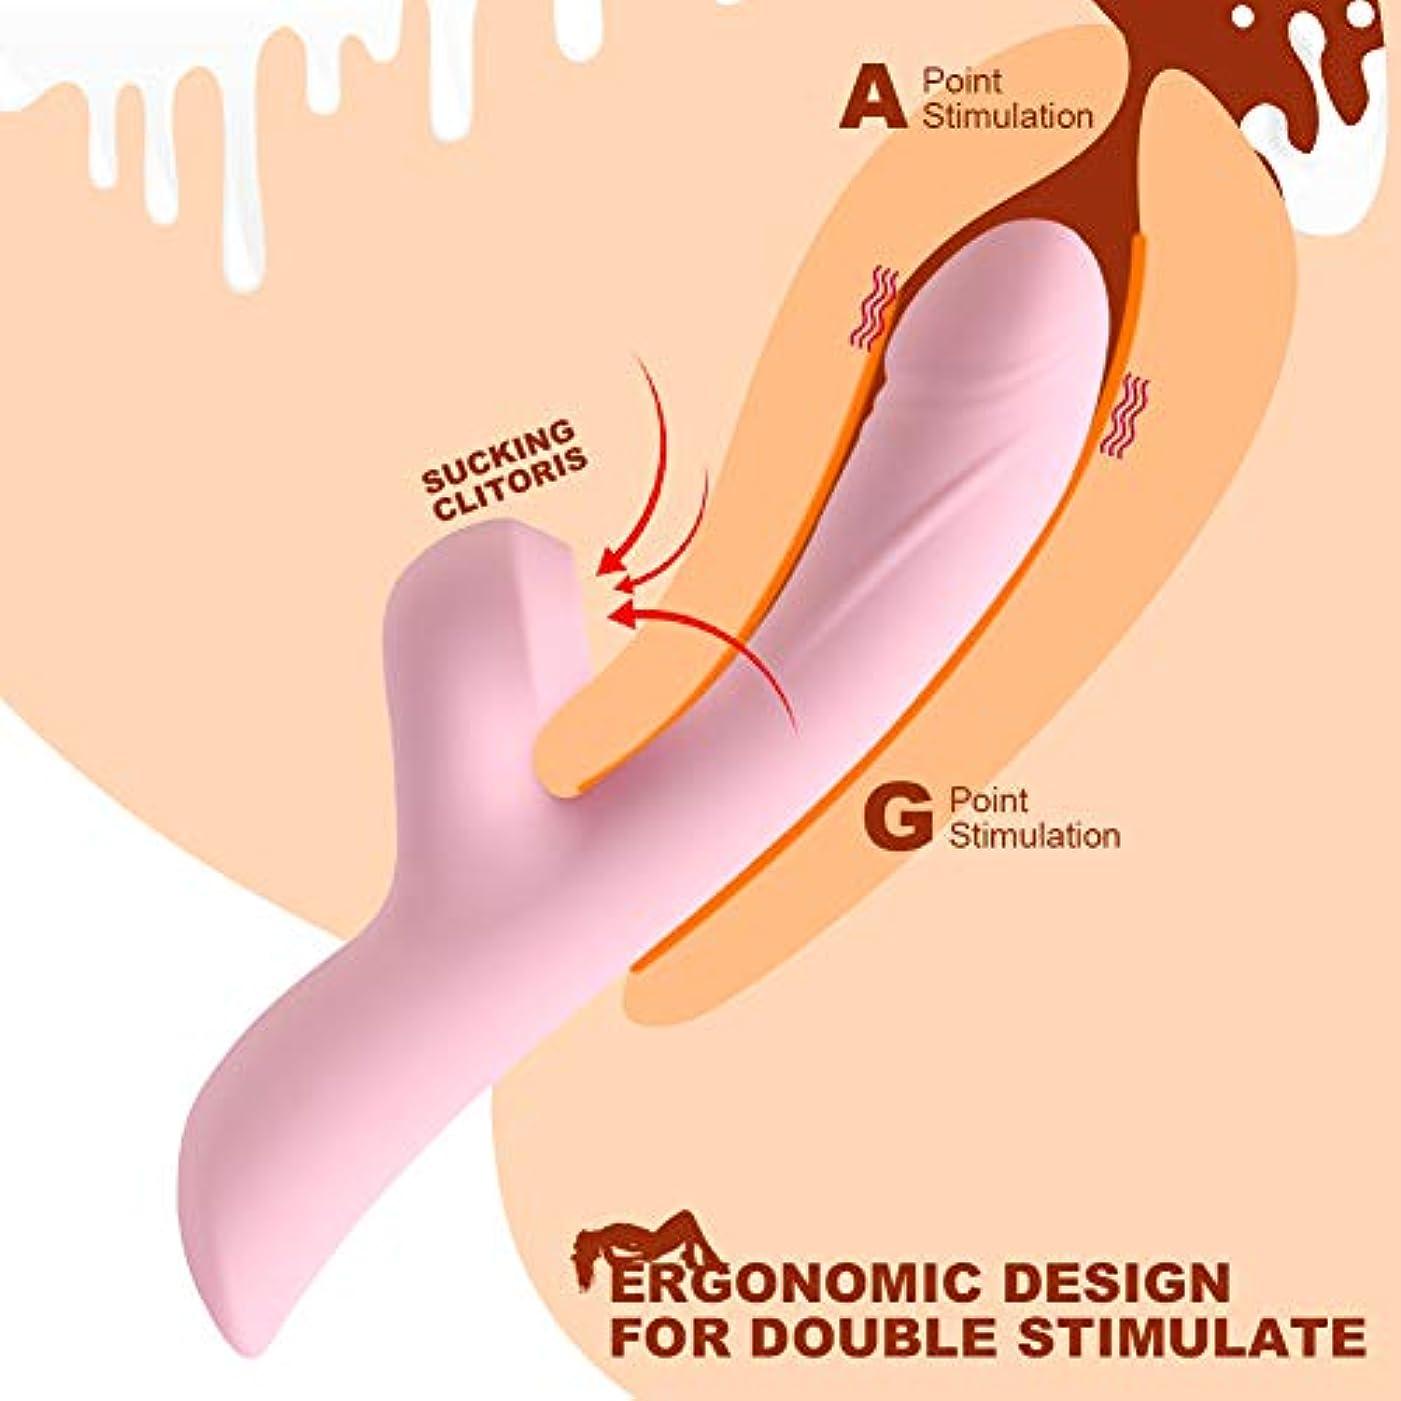 インディカ活気づく断言する足 マッサージ グッズ マッサージ 家電 女性用多機能マッサージスティック充電式防水 強力な 筋肉痛のためのマッサージスティック体をリラックスさせ、疲労を和らげます (ピンク色)